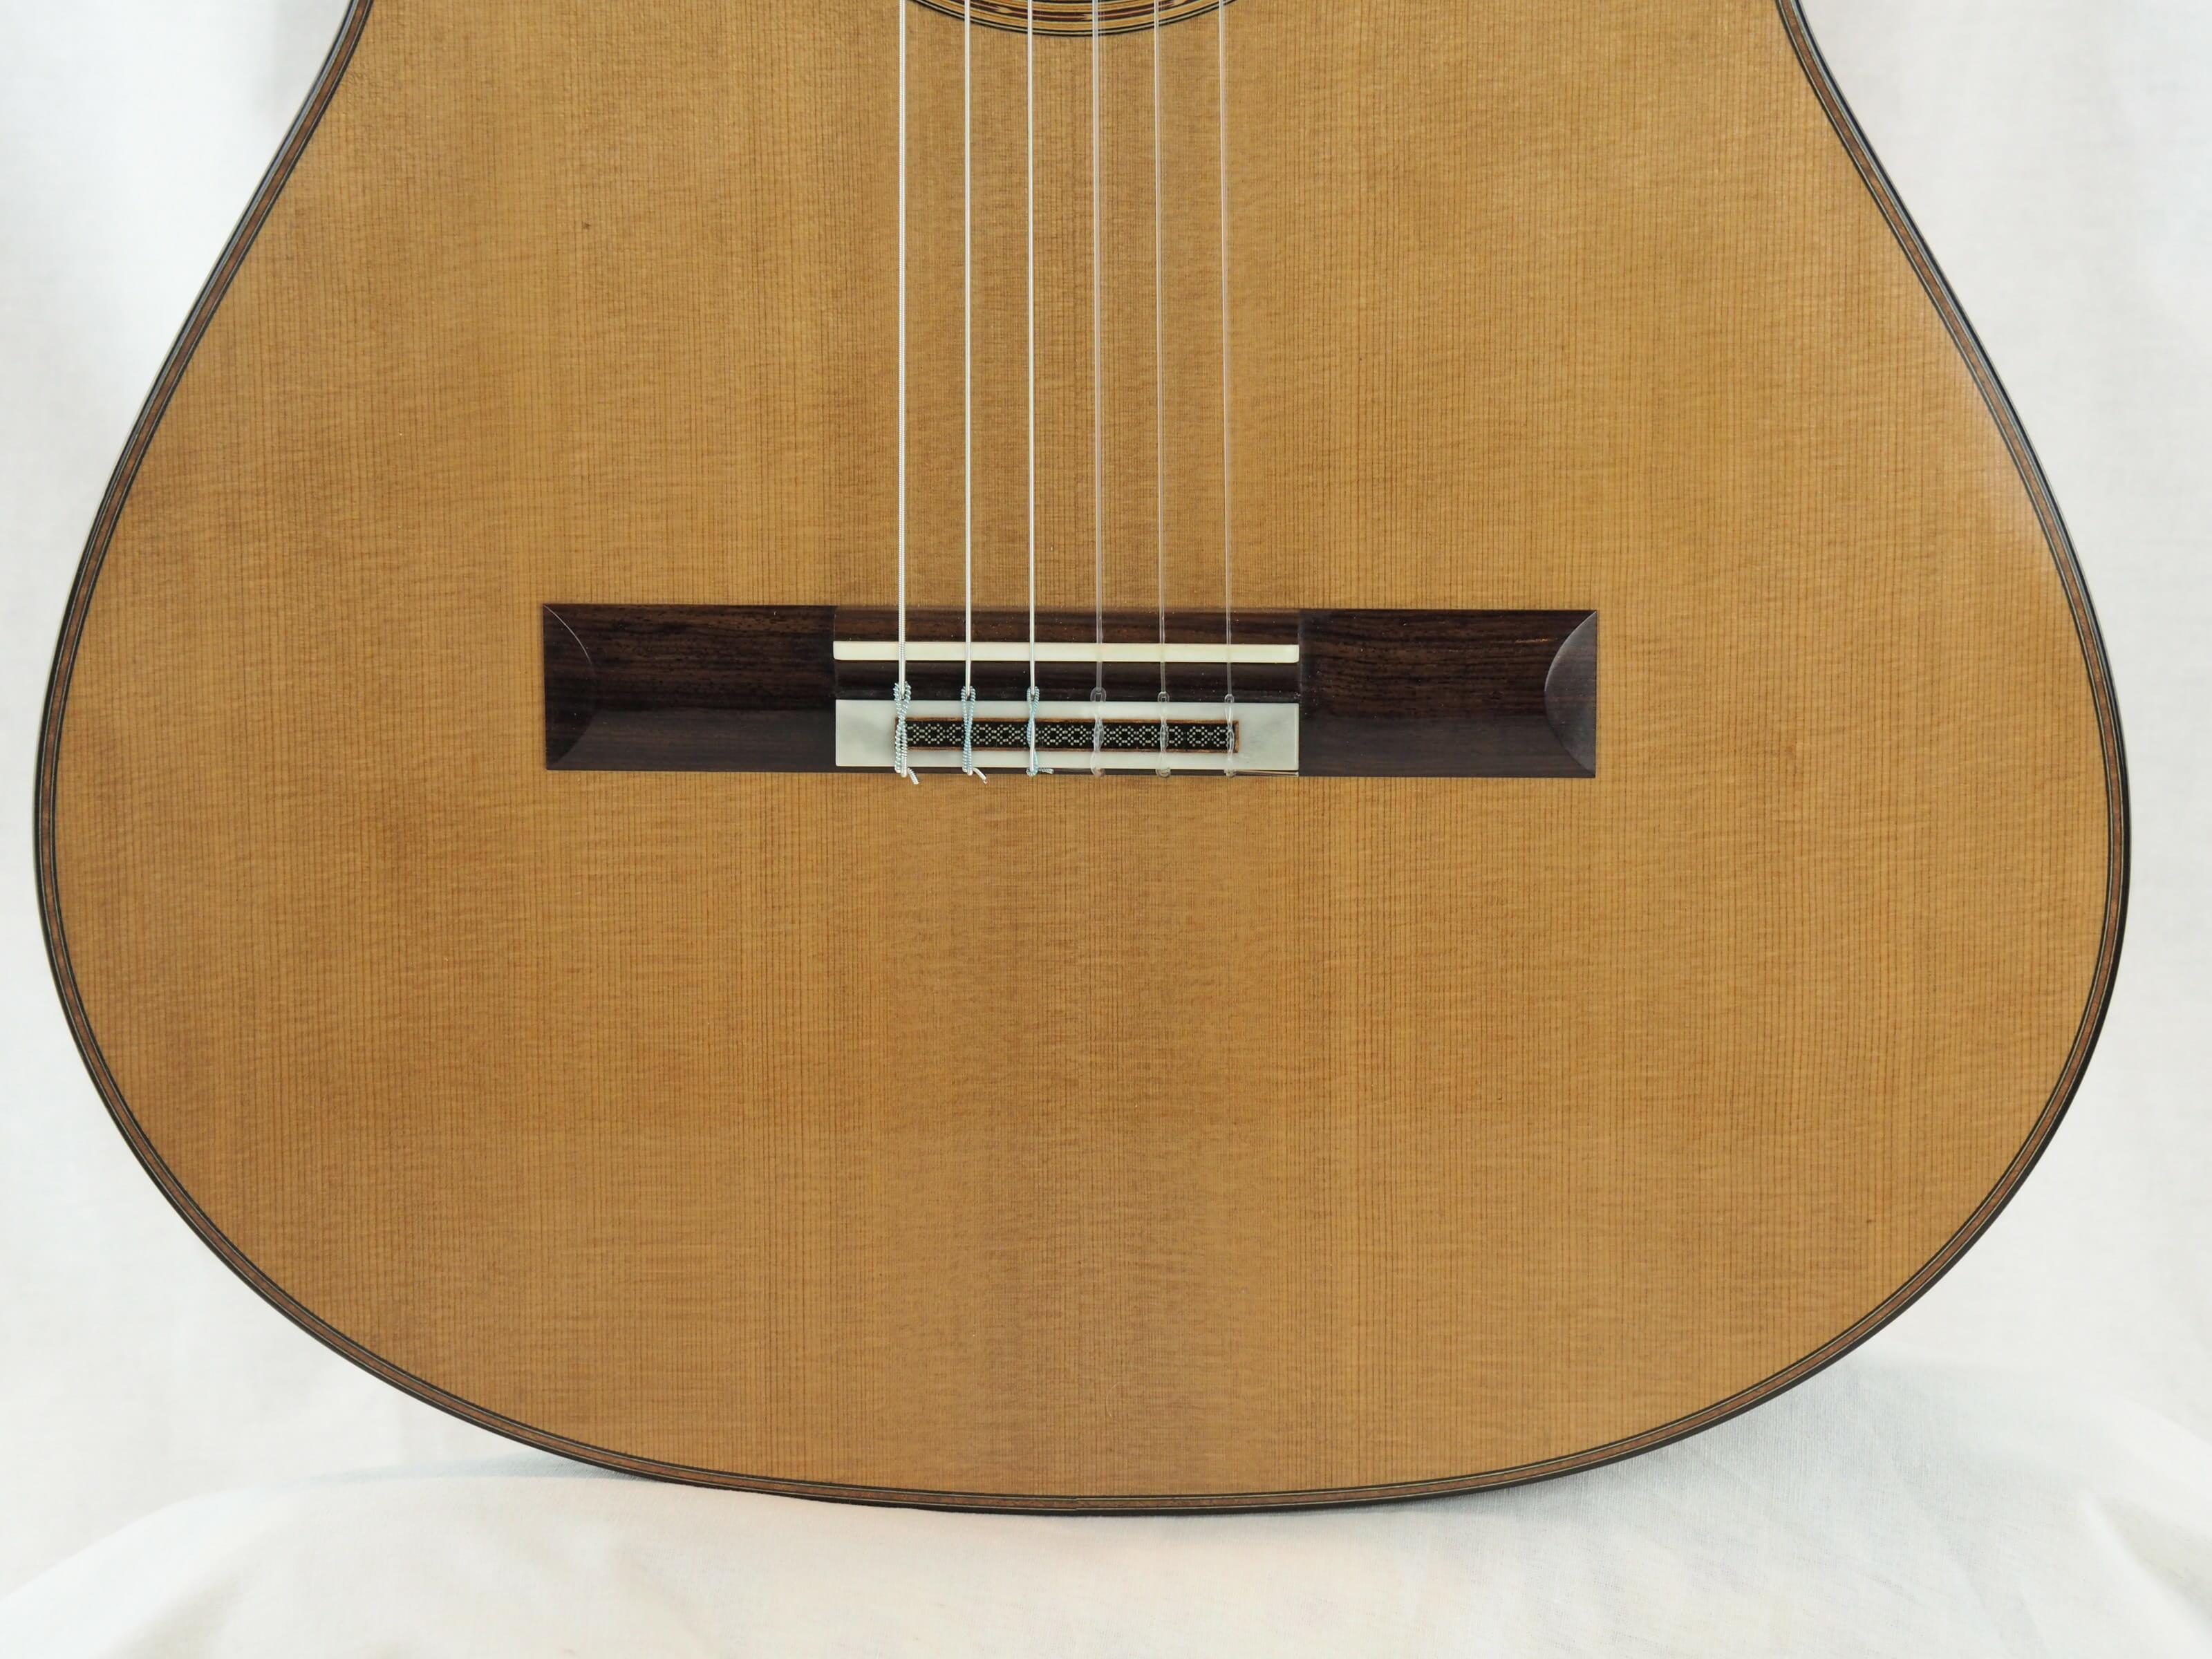 Michel Belair luthier guitare classique 2019 19BEL019-07